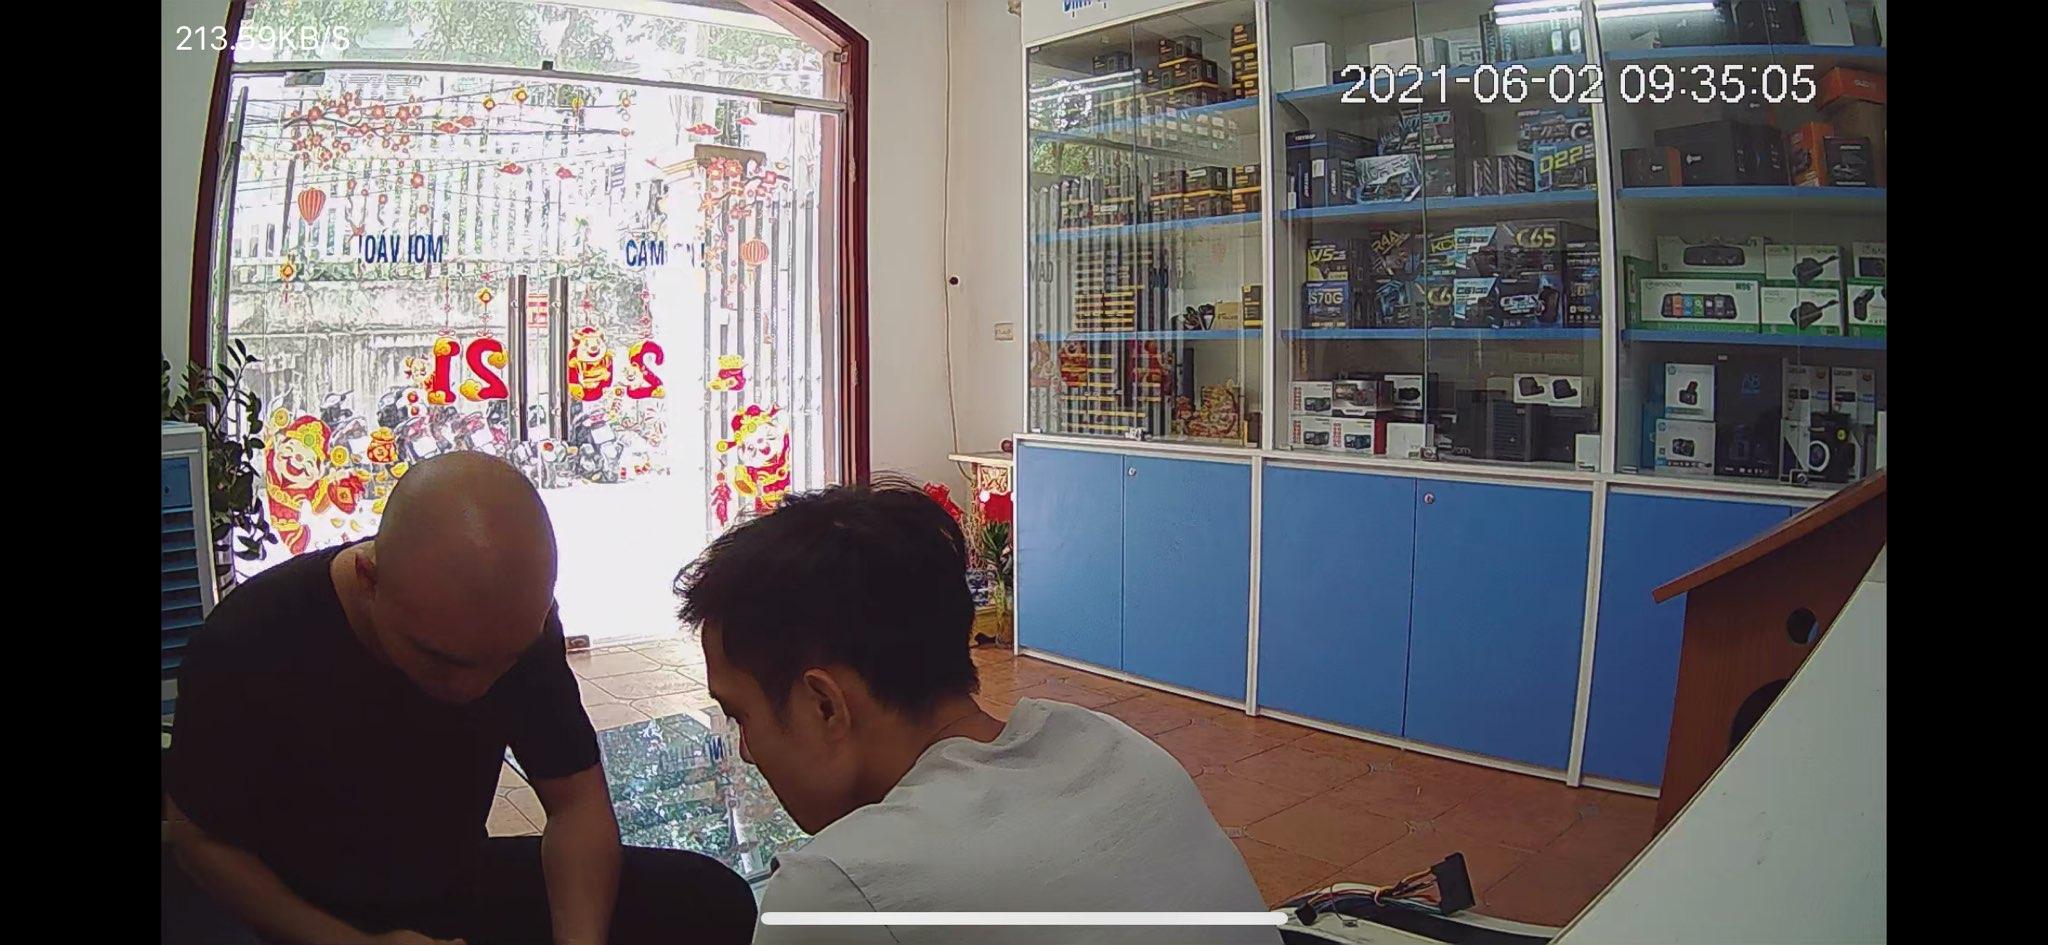 camera giám sát trong nhà ghi hình sắc nét